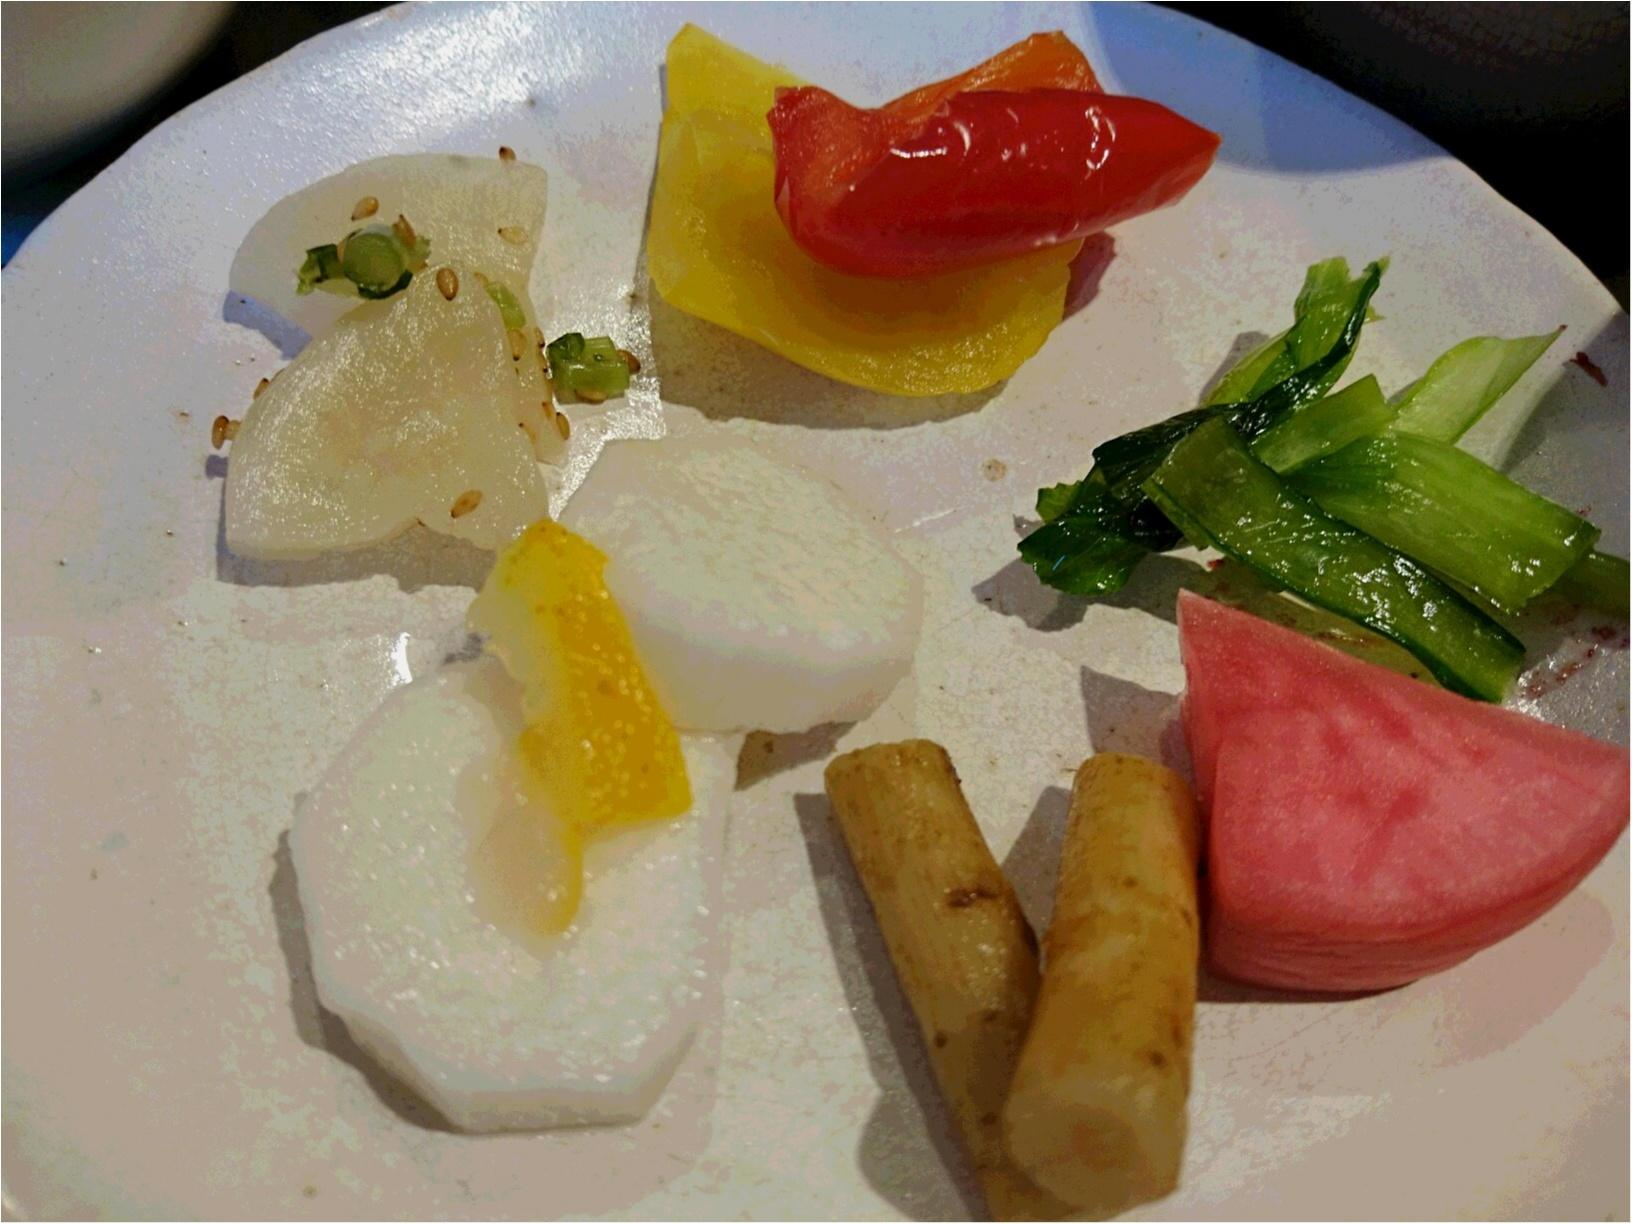 京都のおすすめランチ特集 - 京都女子旅や京都観光におすすめの和食店やレストラン7選_28